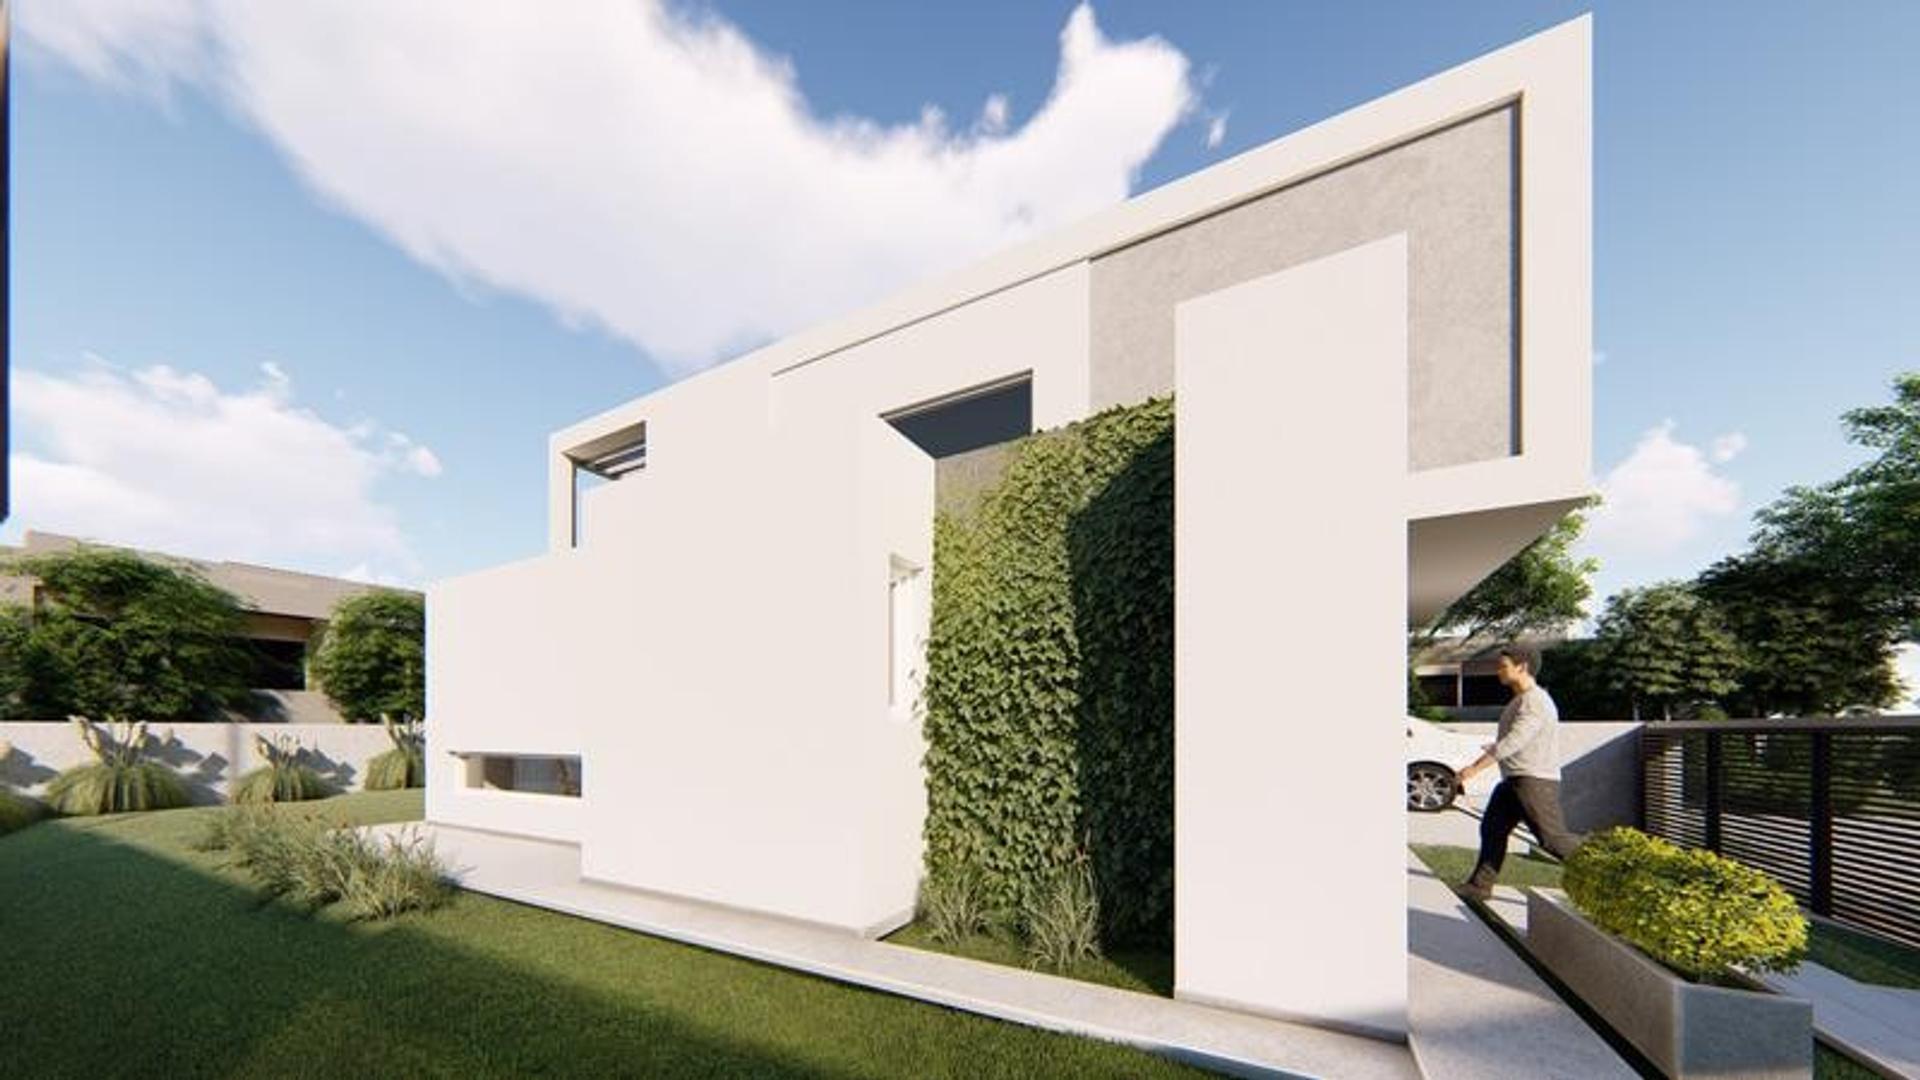 Casa - 150 m² | 3 dormitorios | A estrenar